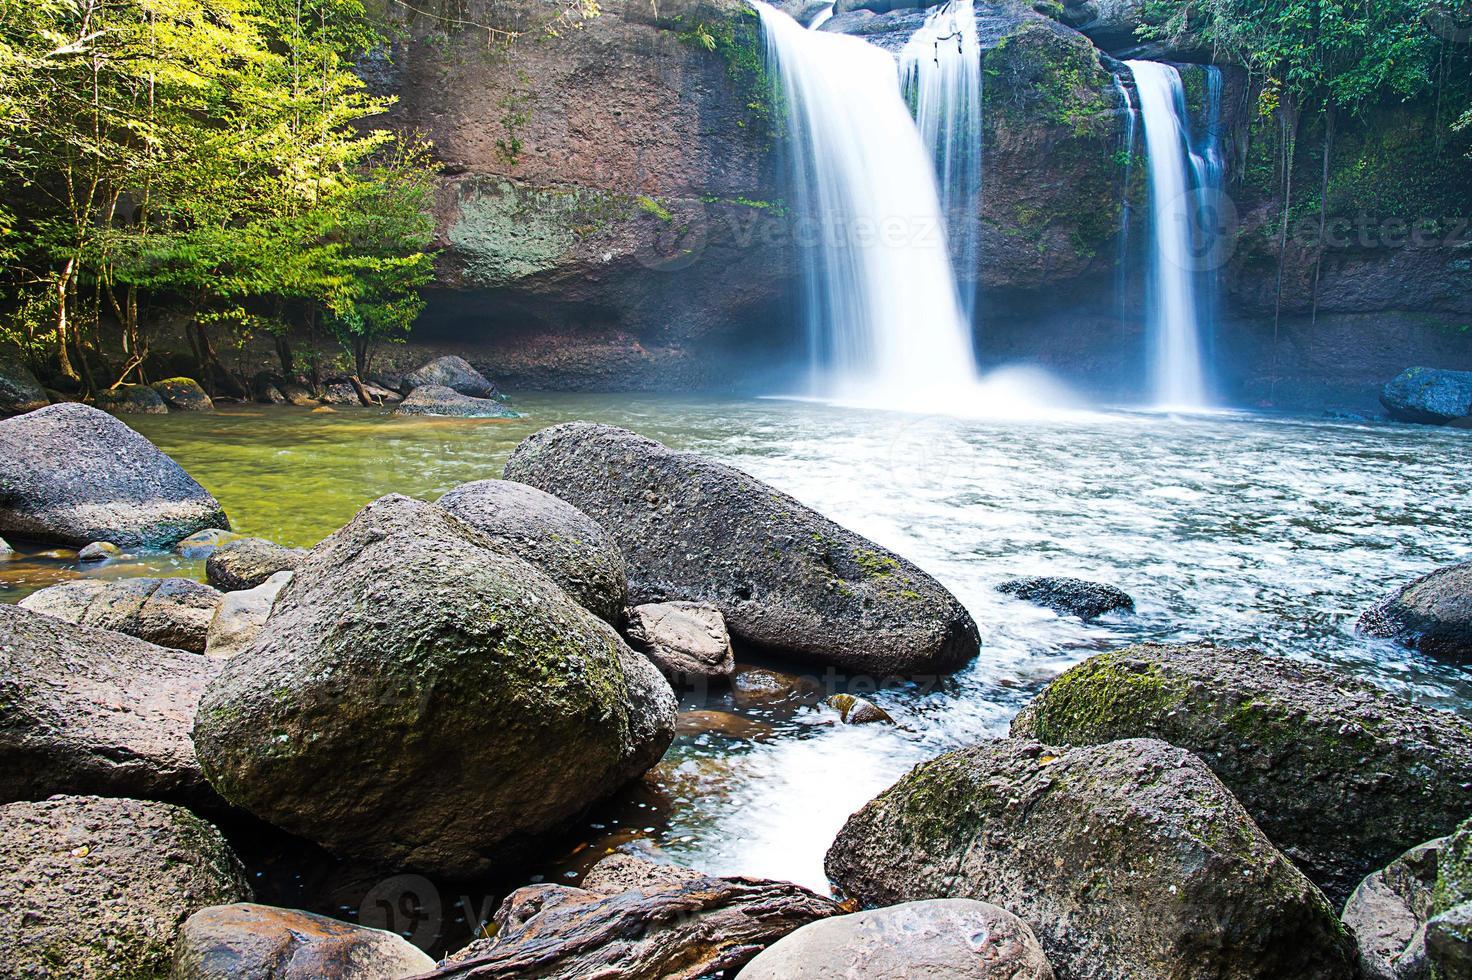 vattenfall landskap foto